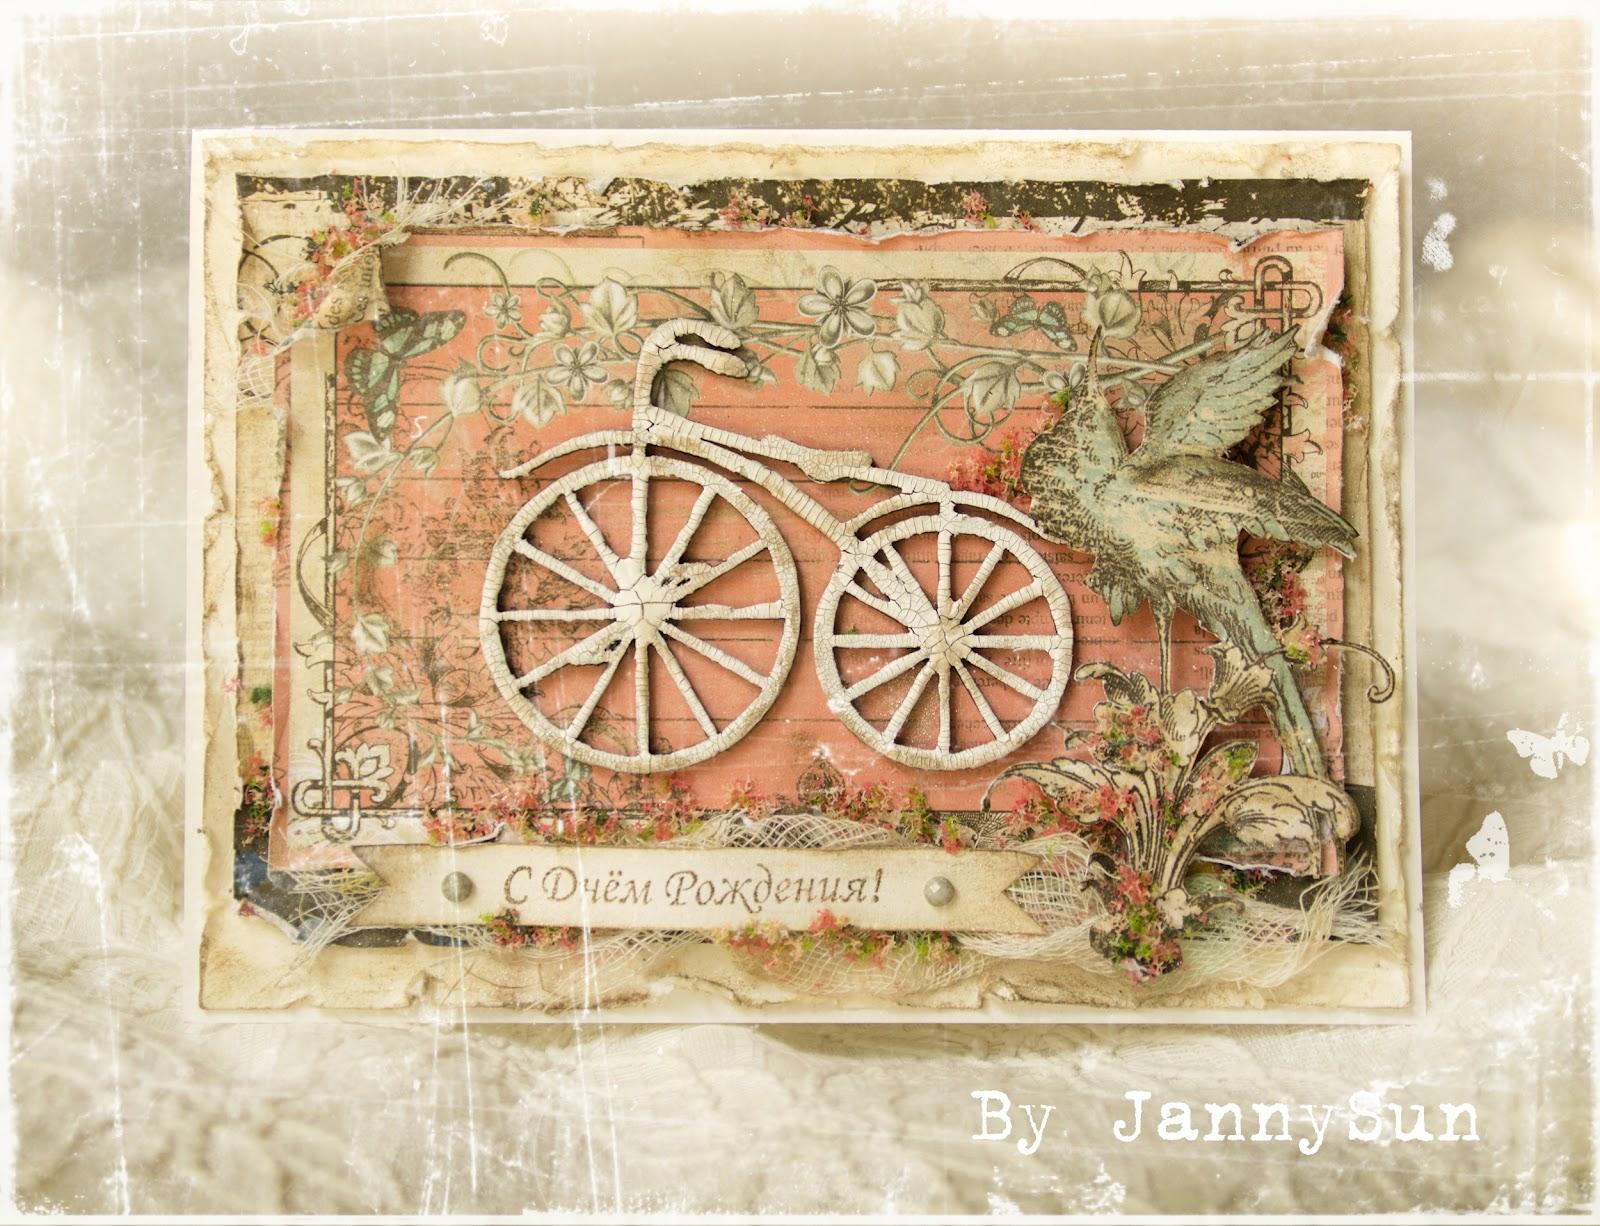 Приколы 360-640, велосипеды в открытках скрапбукинг